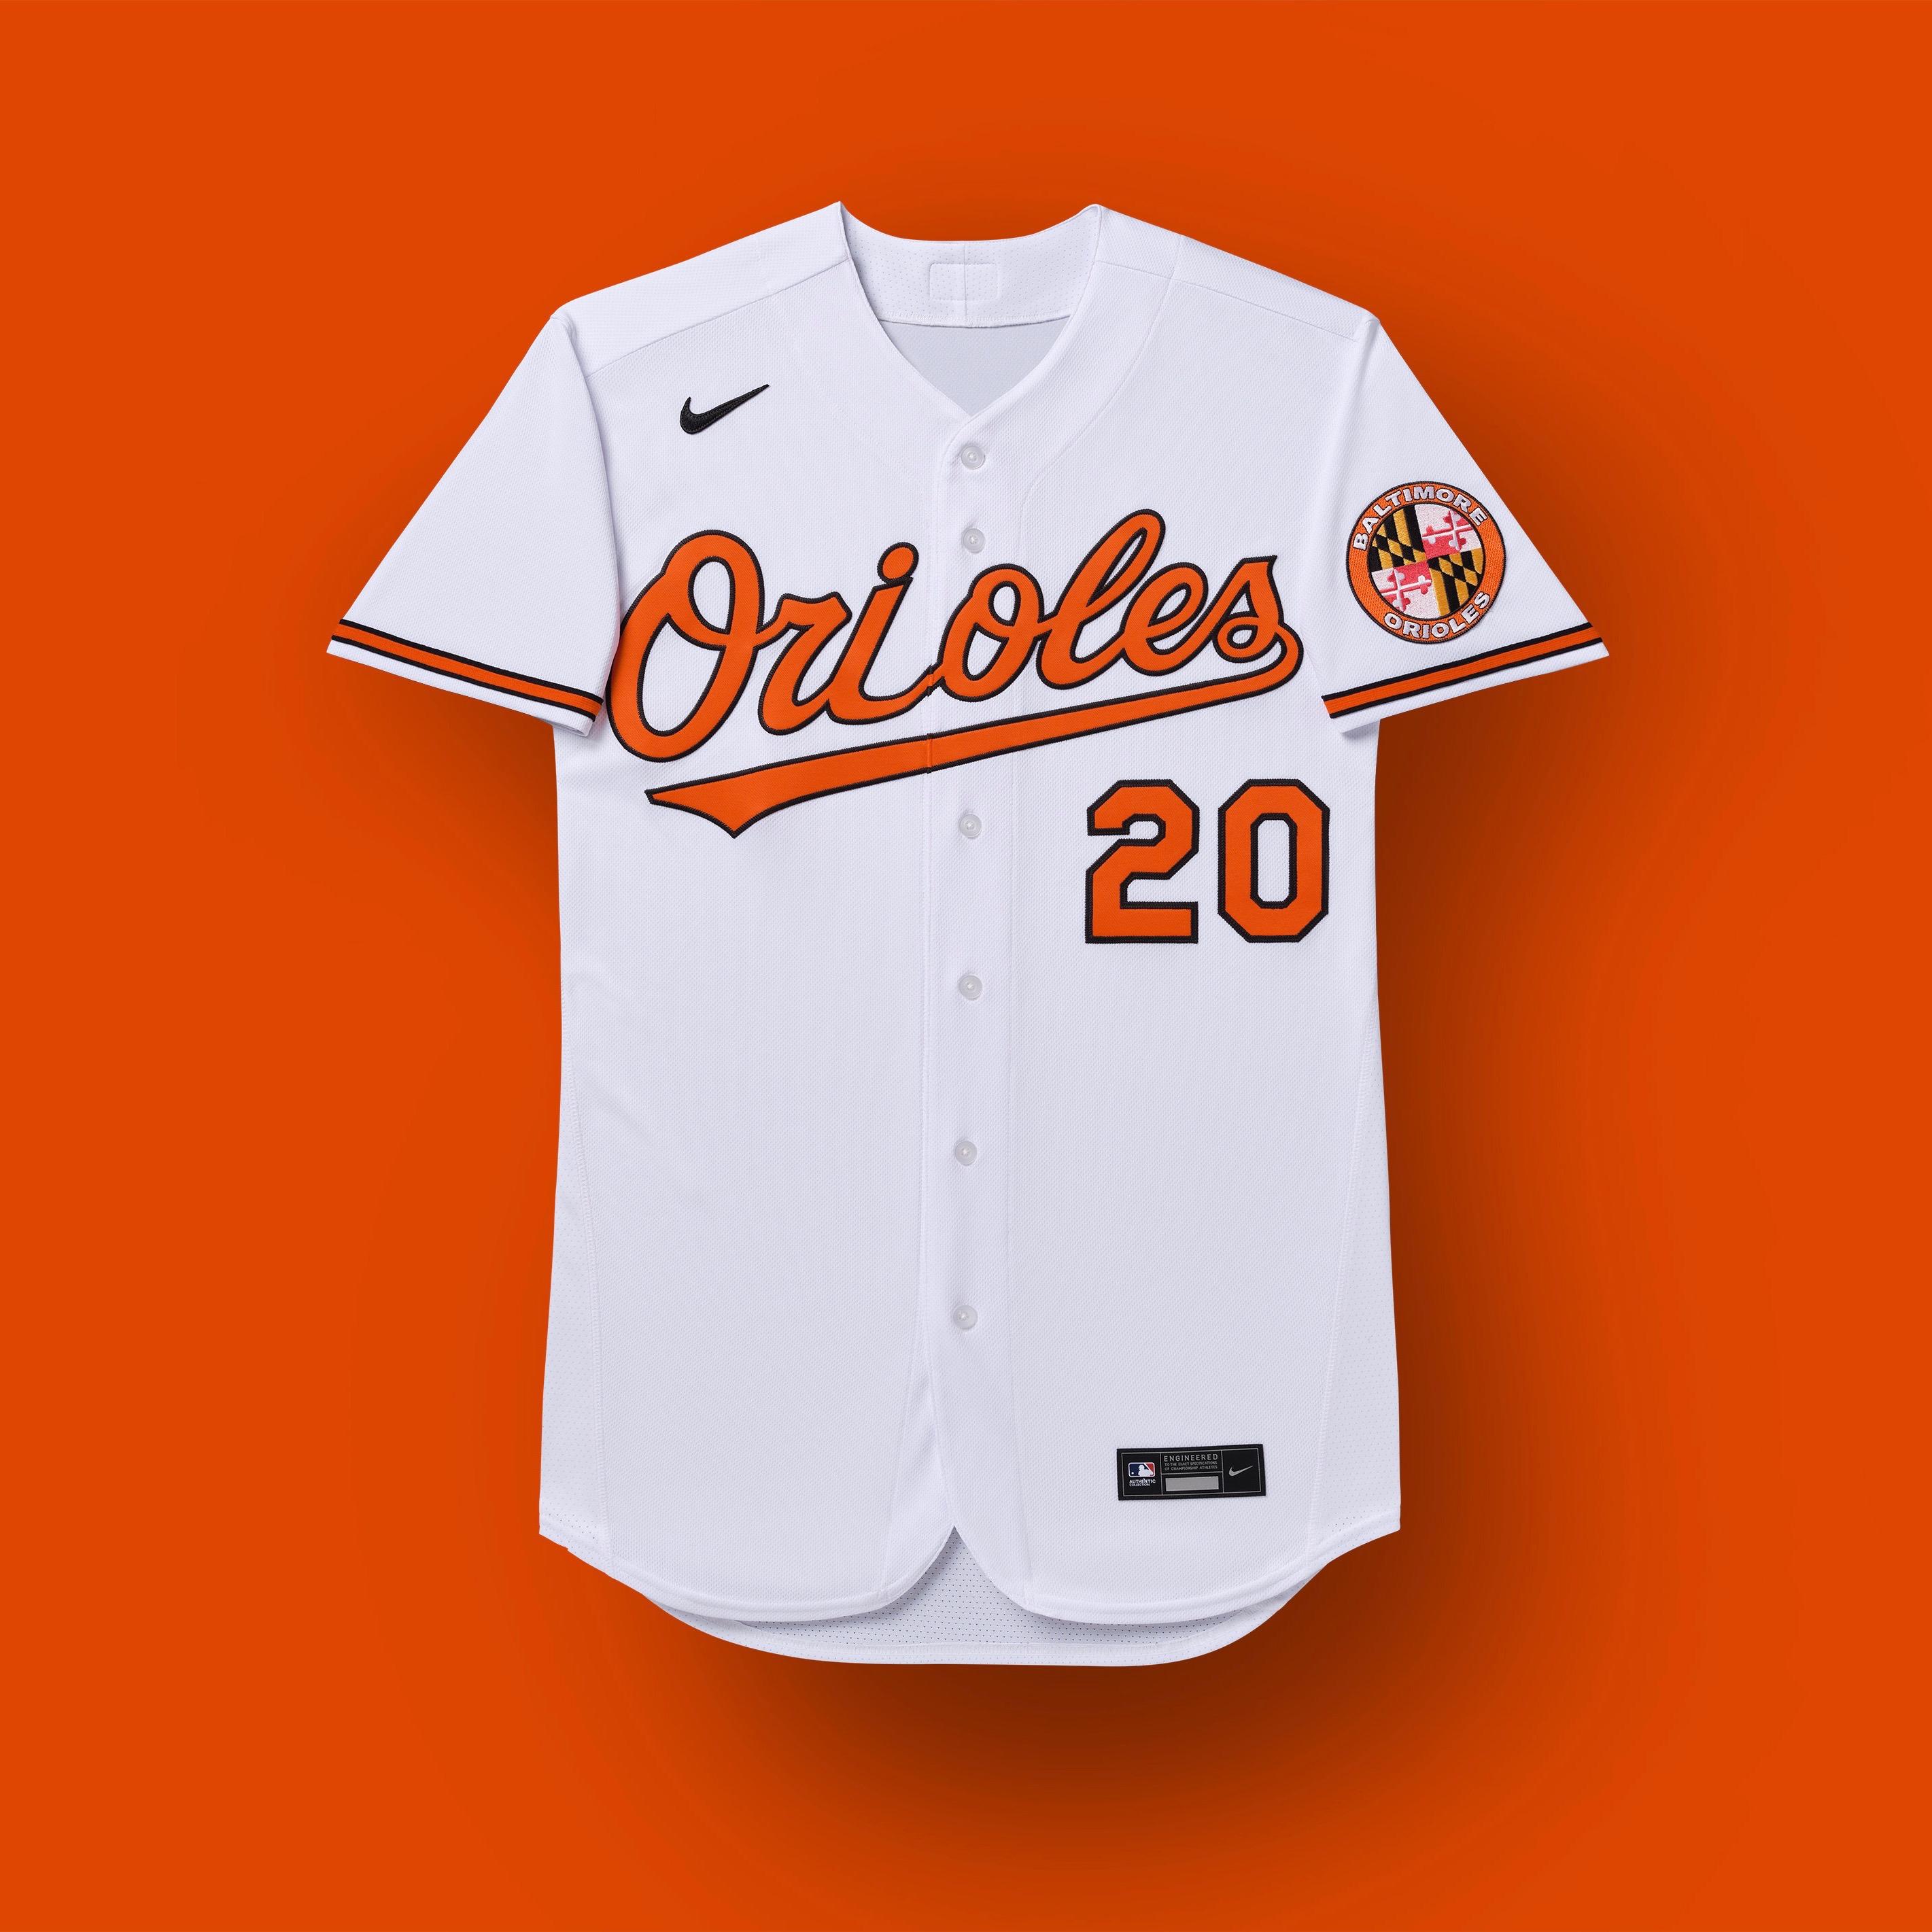 baltimore orioles 2020 uniforms